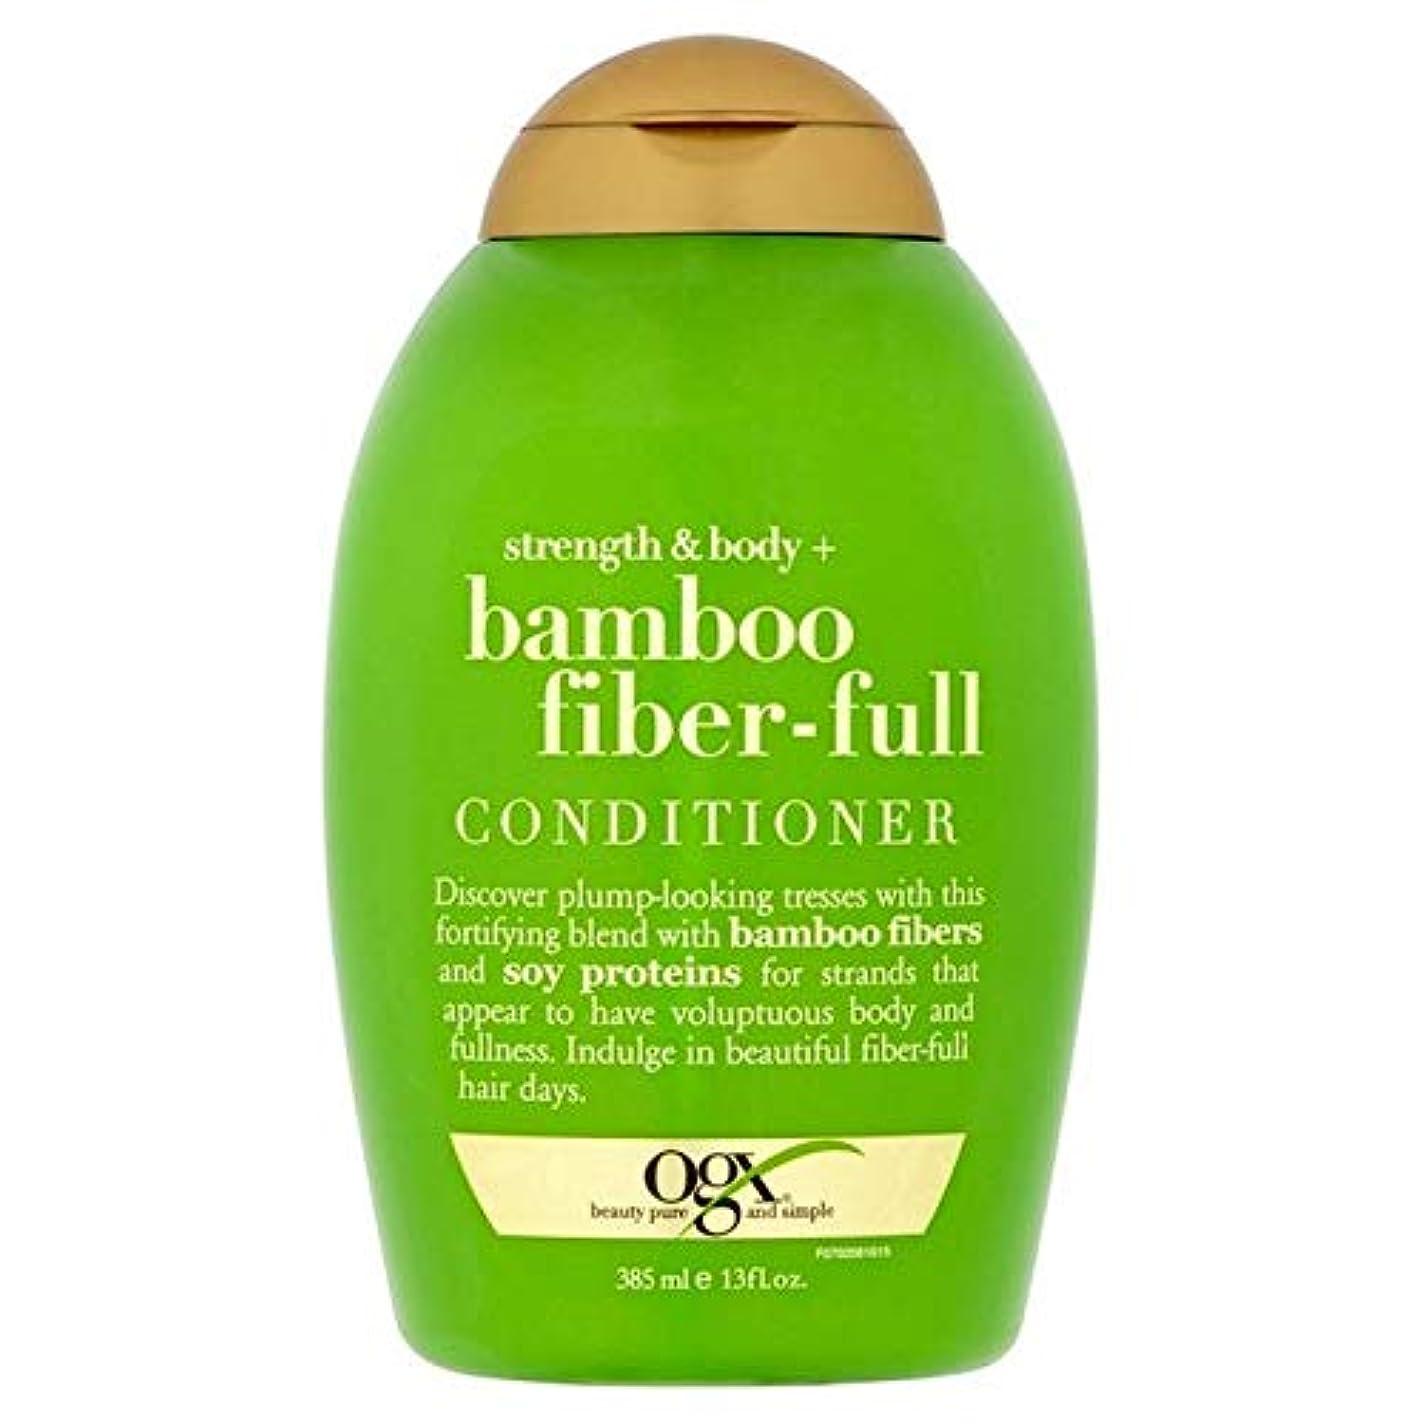 理解する留め金鎖[Ogx] Ogx竹繊維フルコンディショナー385ミリリットル - OGX Bamboo Fiber-Full Conditioner 385ml [並行輸入品]